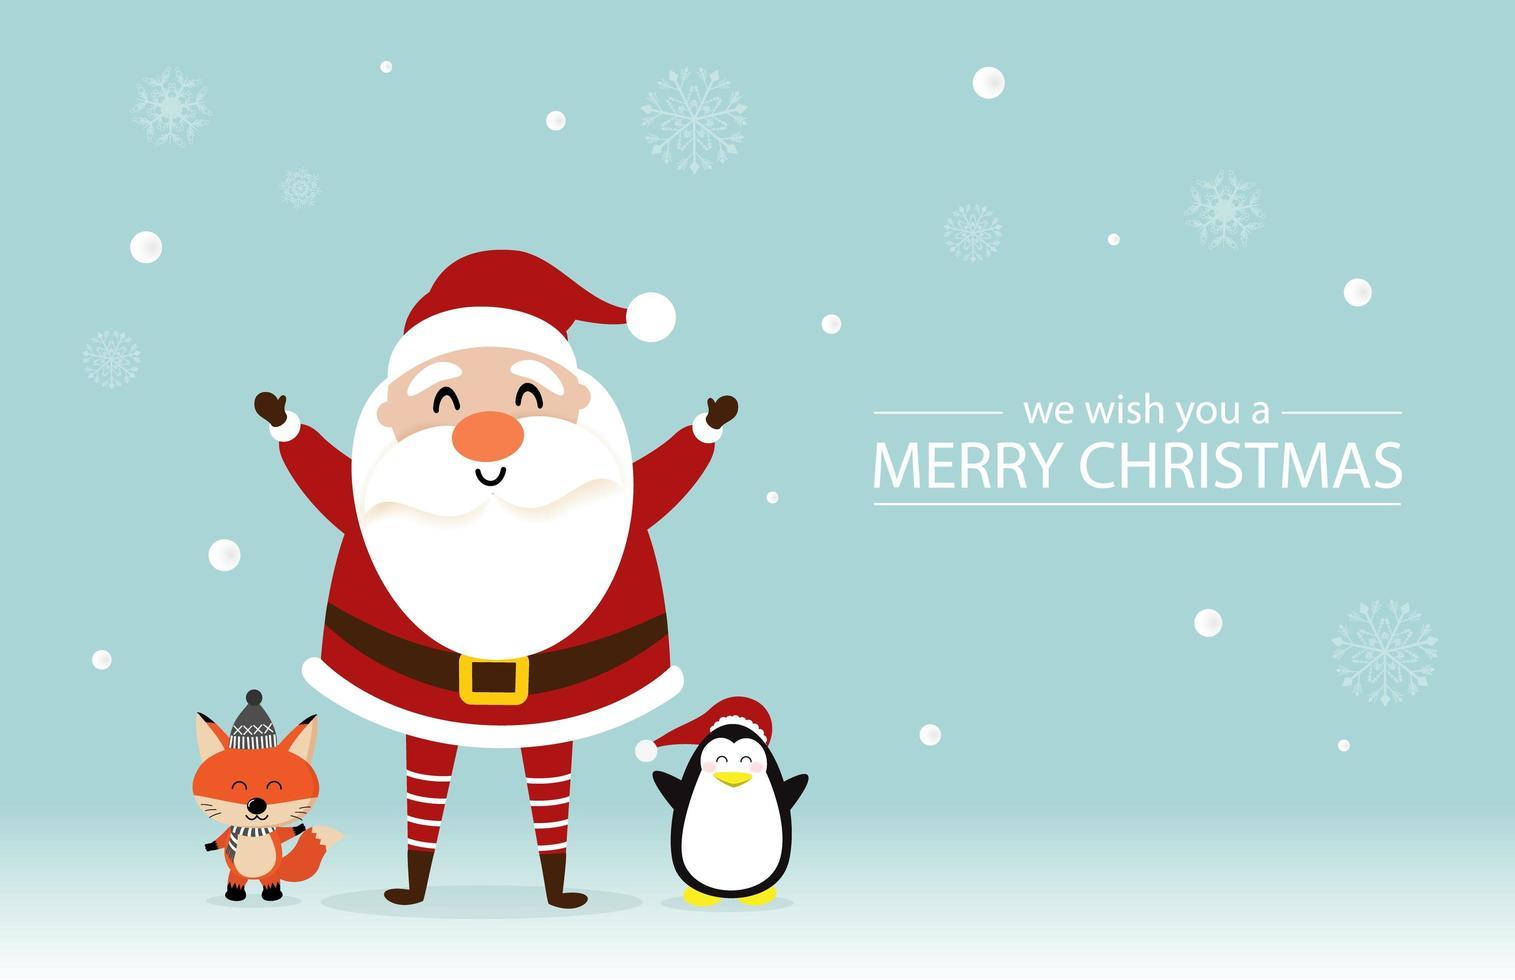 conception de Noël avec joli père noël, renard, pingouin vecteur